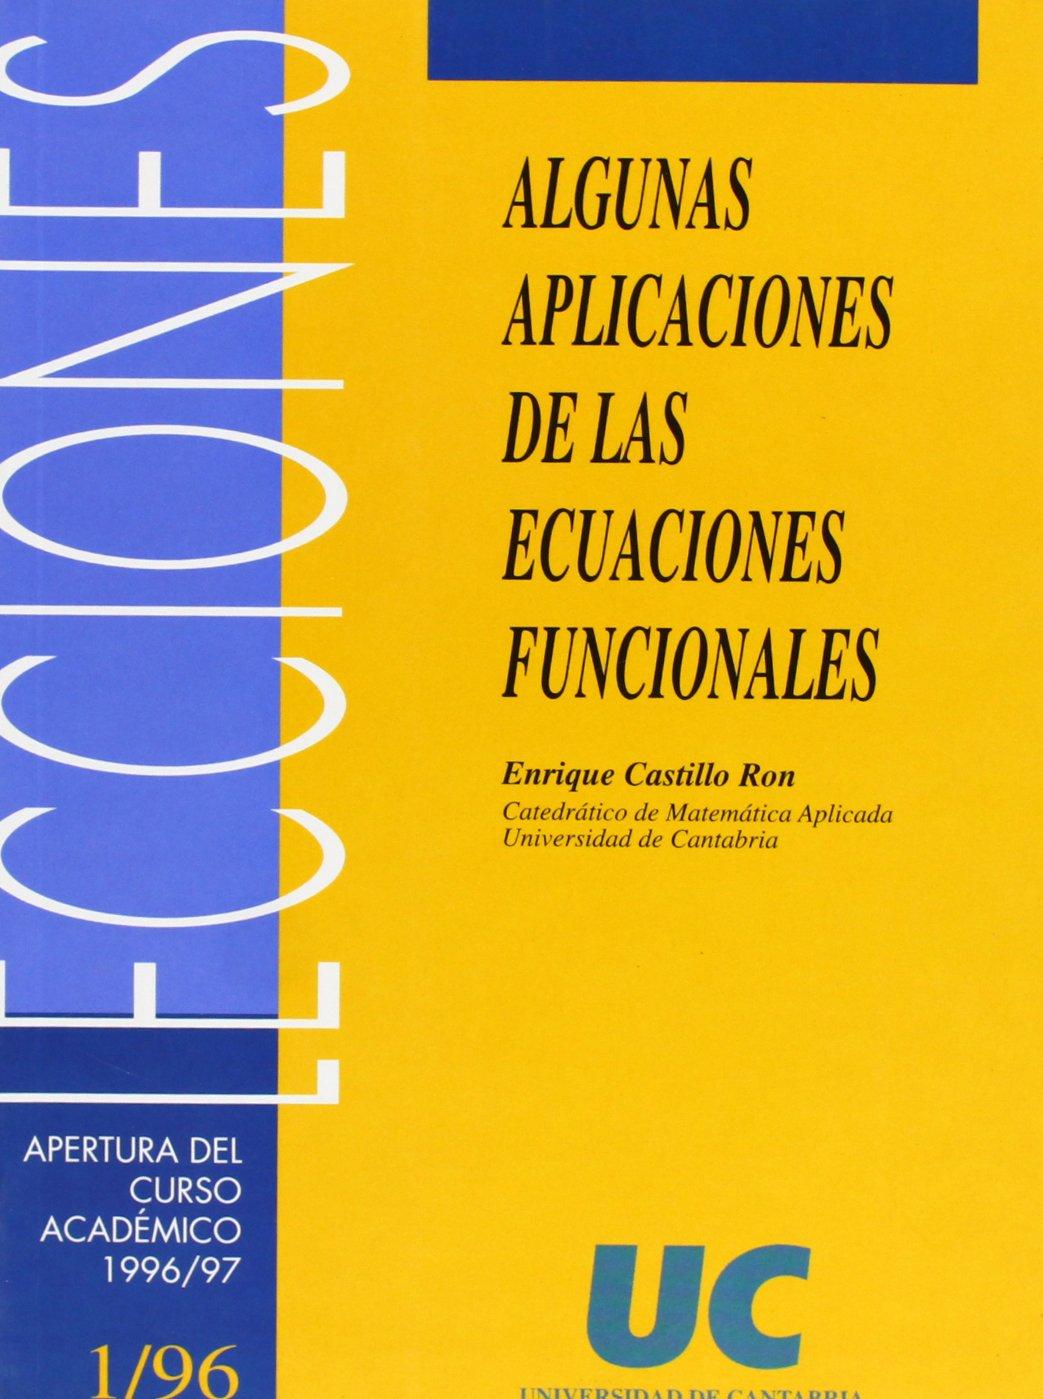 Algunas aplicaciones de las ecuaciones funcionales Florilogio ...